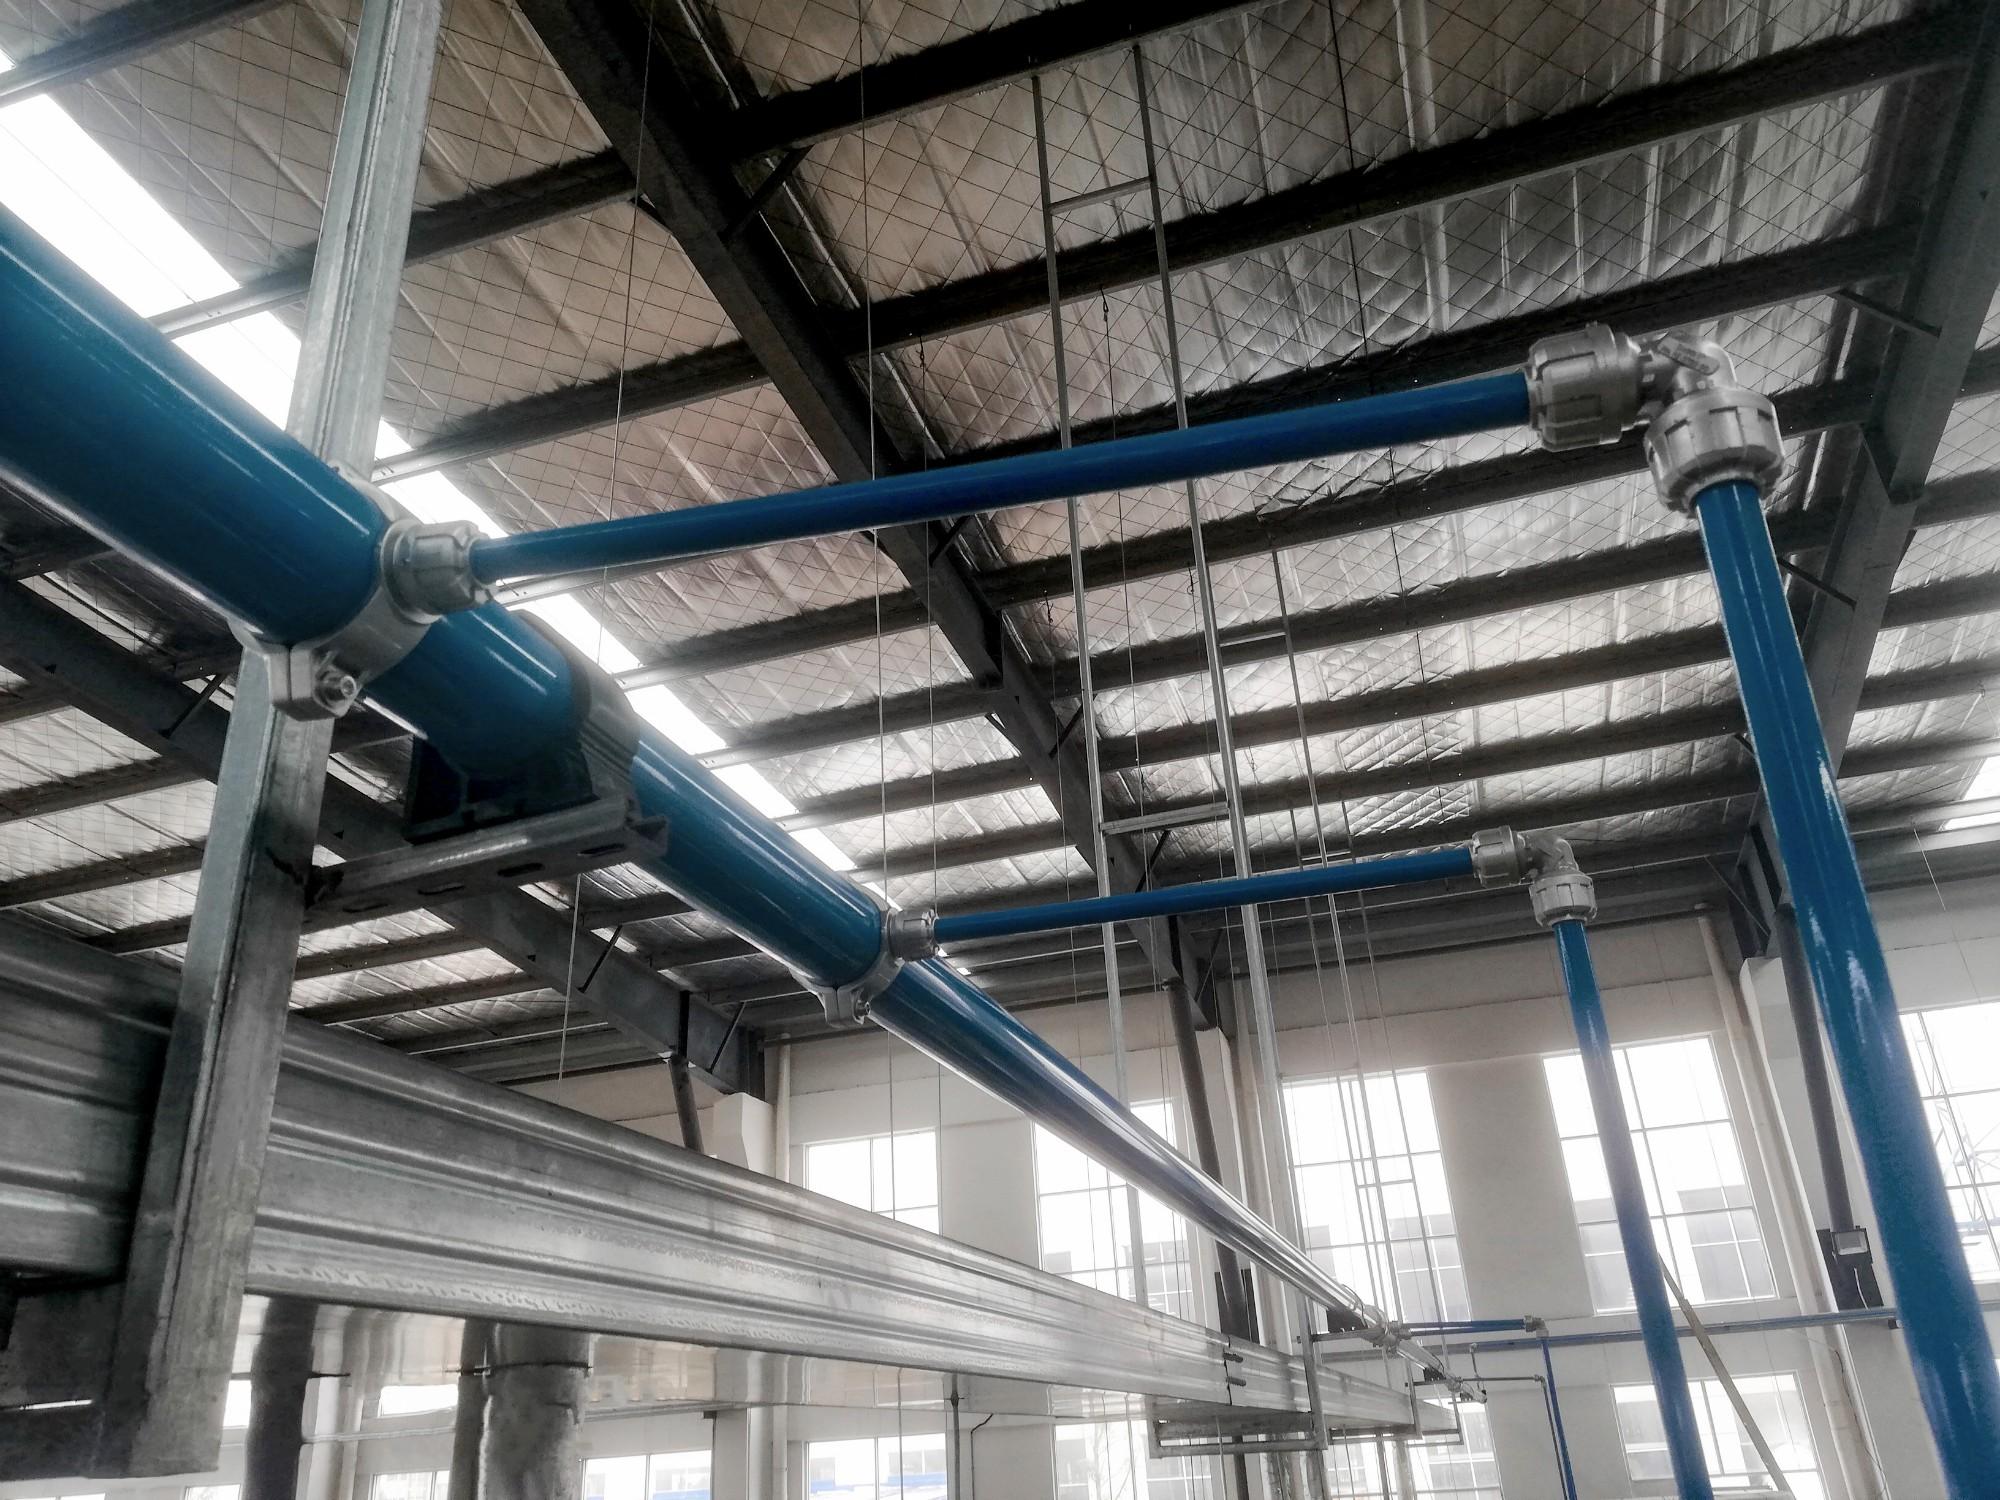 压缩空气管路系统在空压机运行中需要注意的问题有哪些?